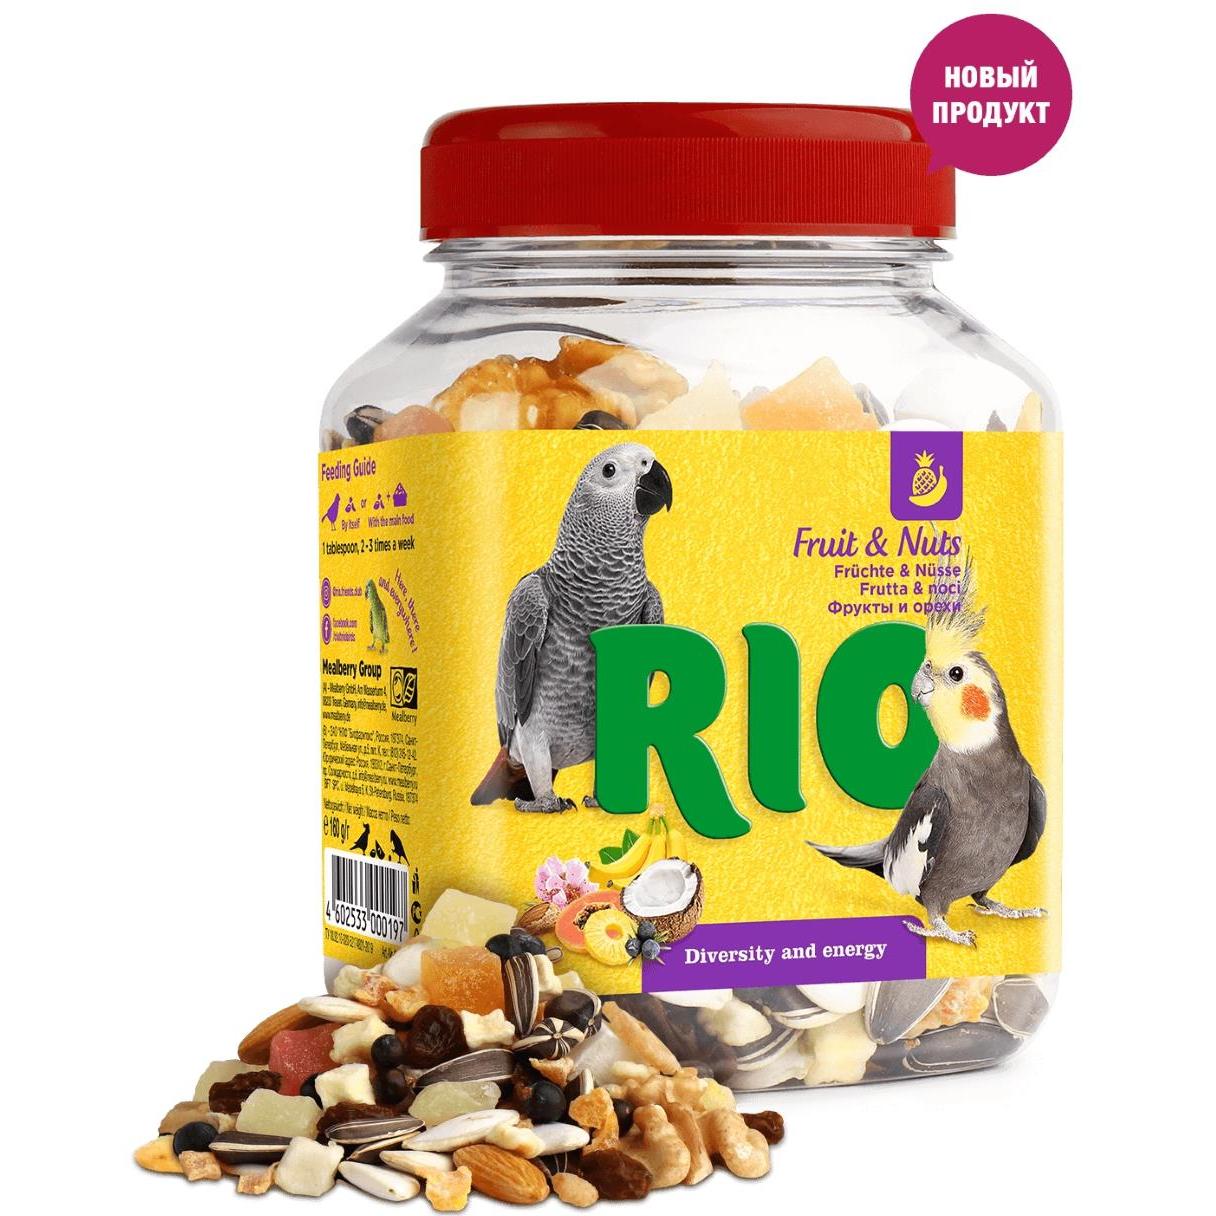 Фото - Лакомство для птиц Rio Фруктово-ореховая смесь 160 г смесь фруктово ореховая botanica 140 г